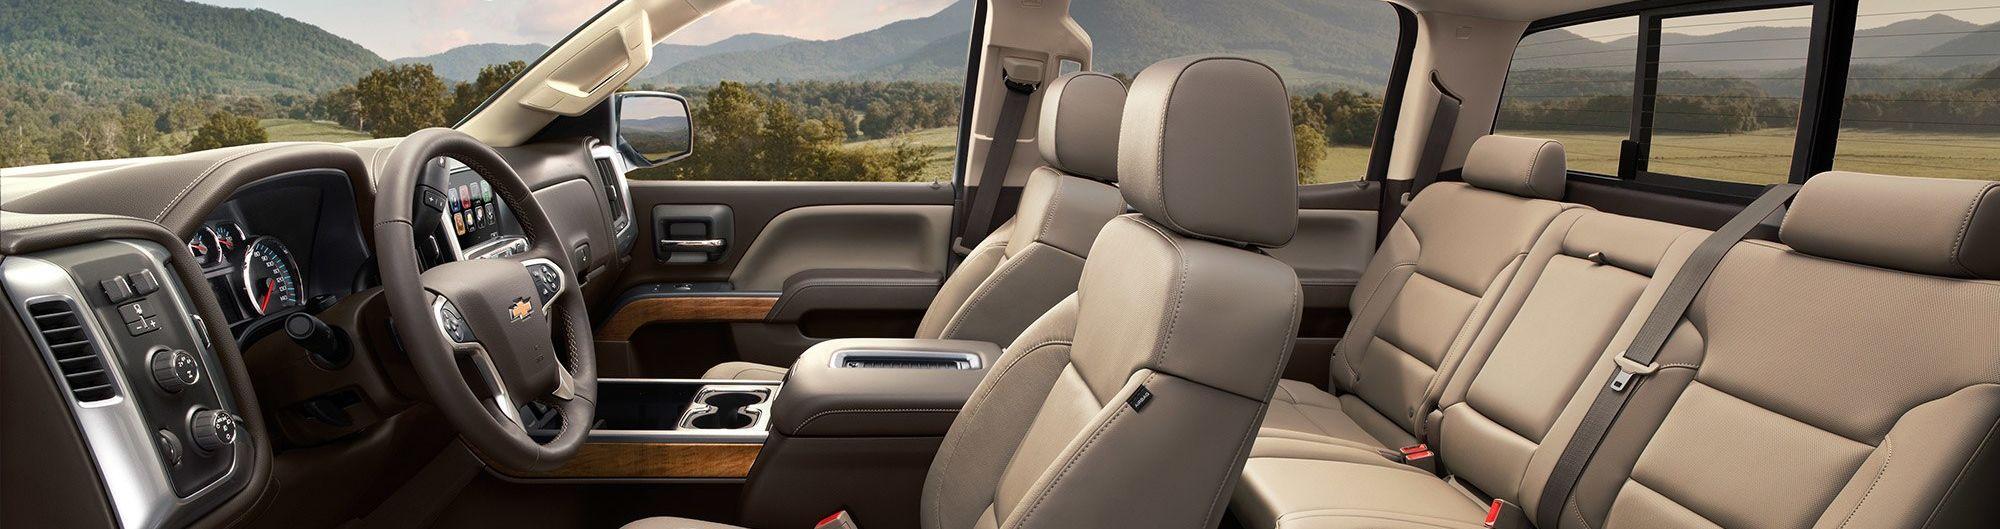 2019 Silverado 2500HD Interior Seating